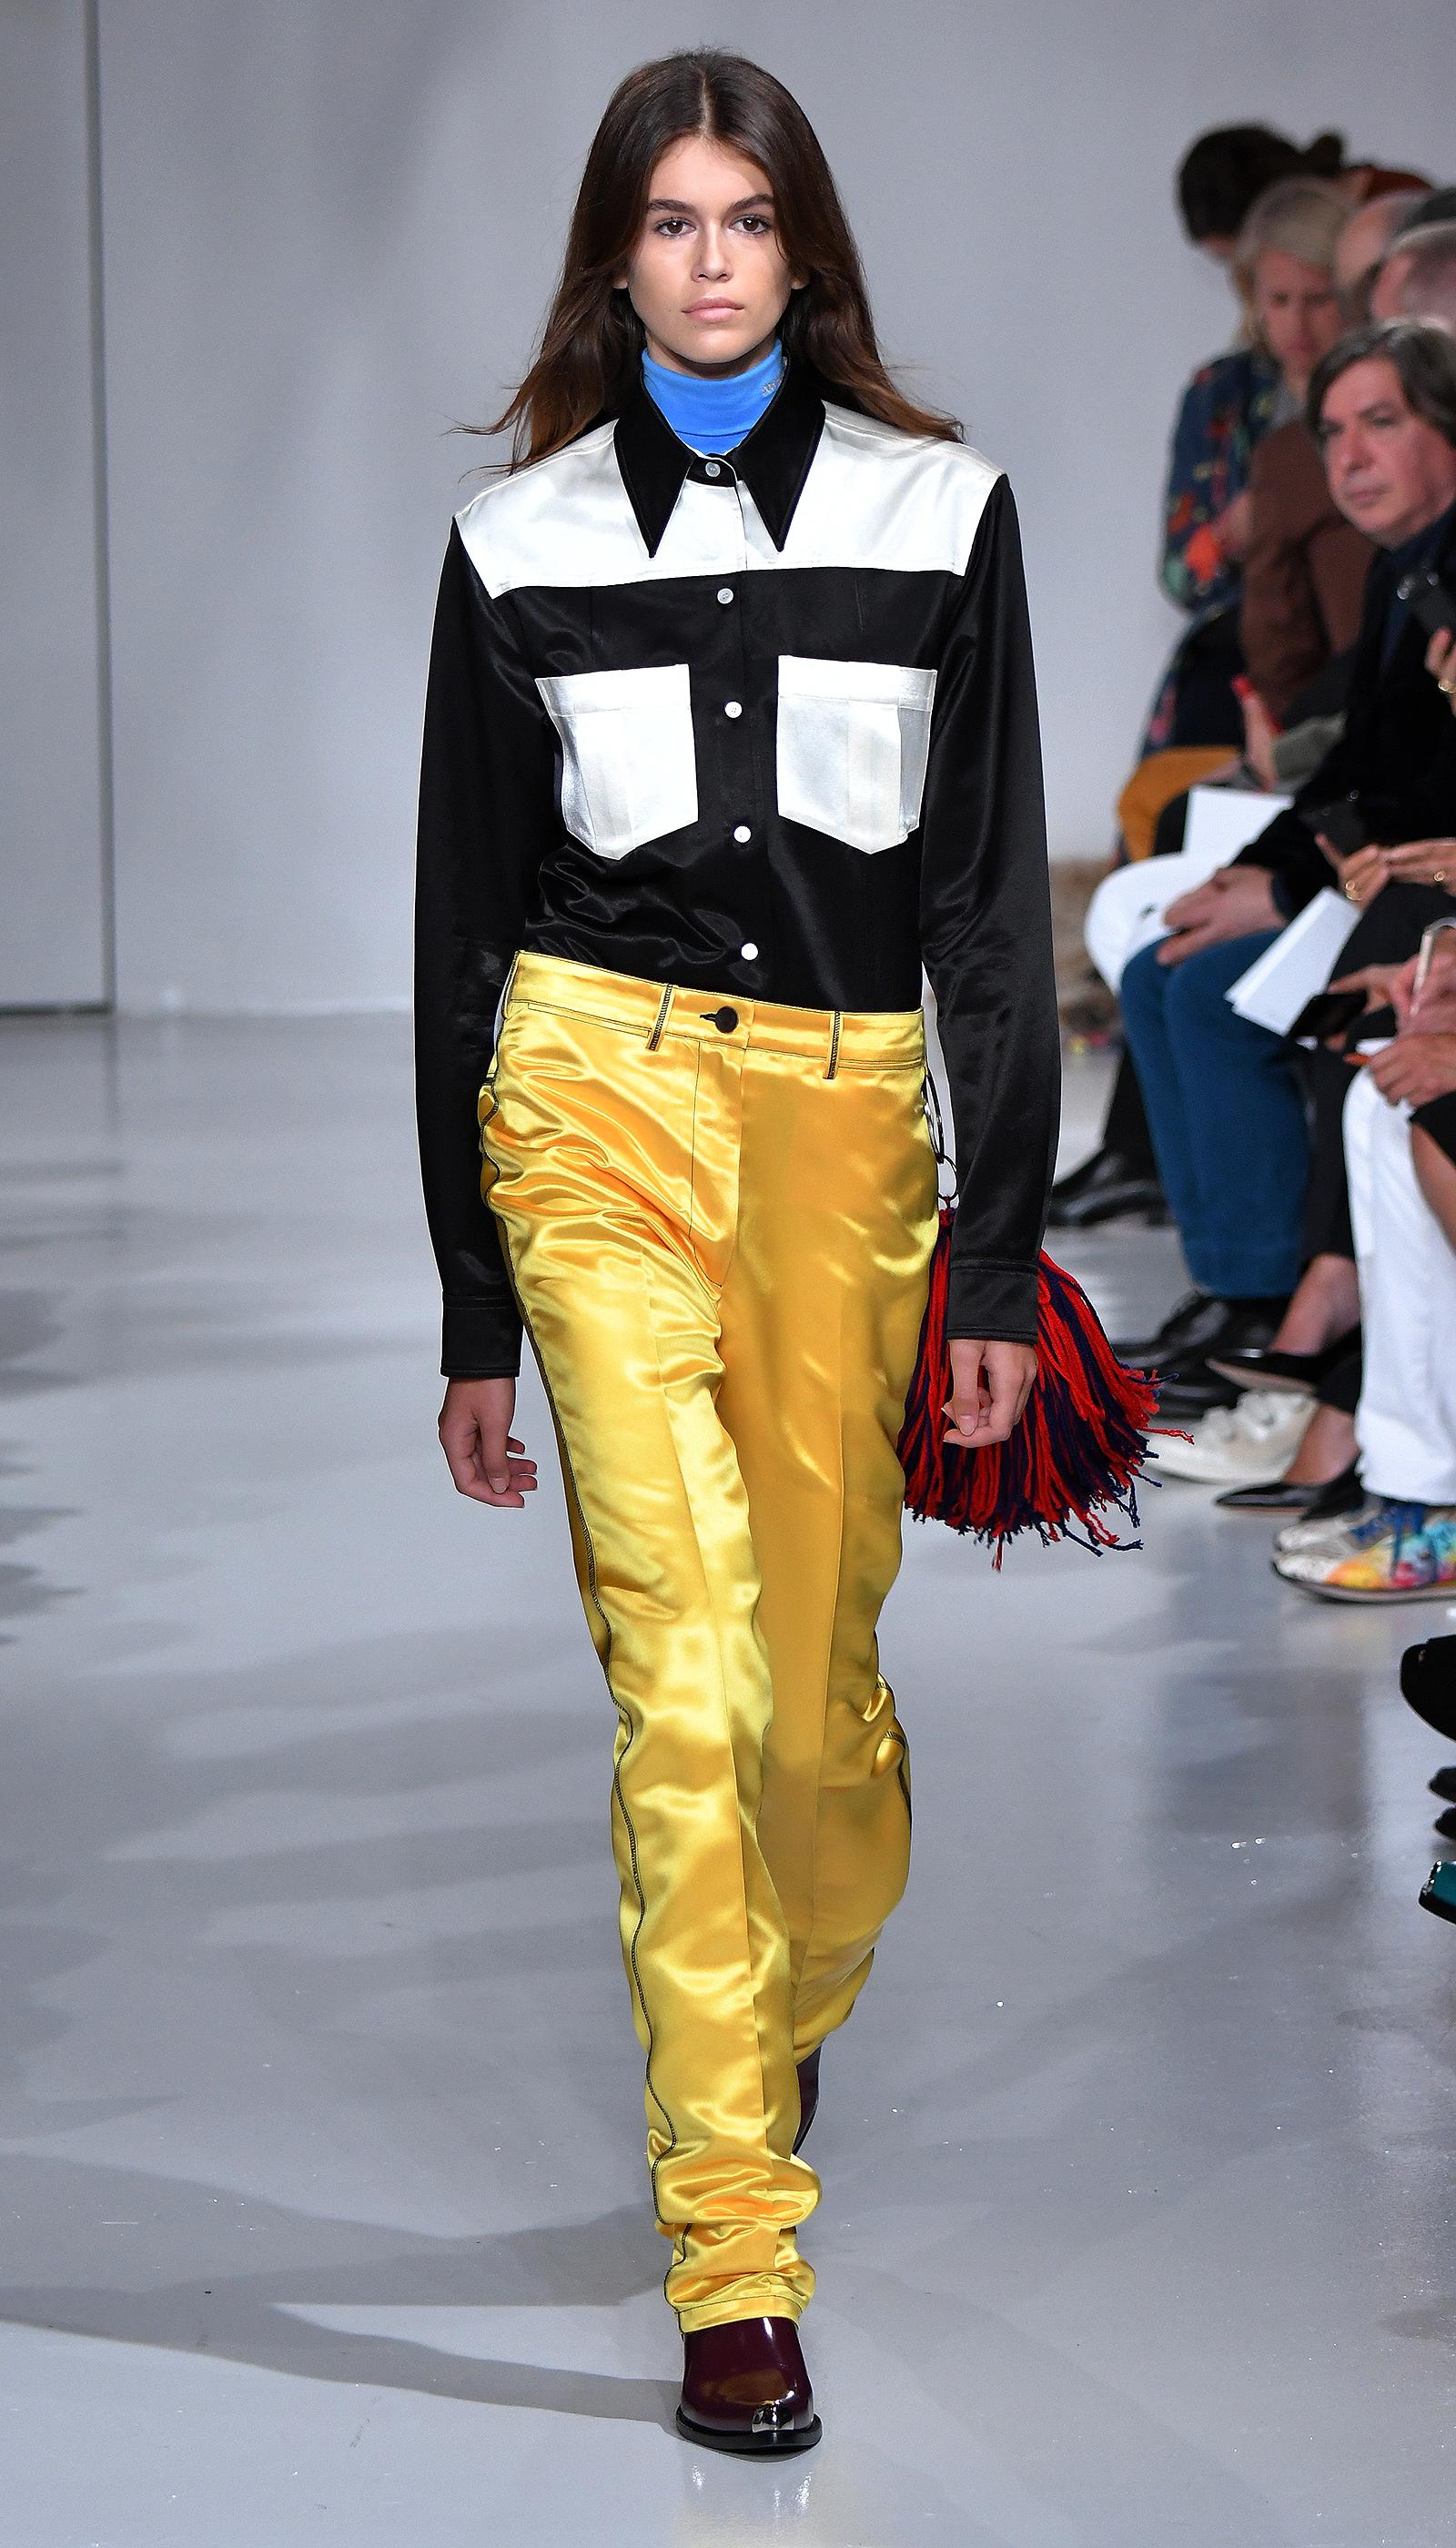 Show diễn catwalk mở màn của Kaia Gerber trong tuần lễ thời trang Xuân Hè 2018 chính là tại Calvin Klein, New York.